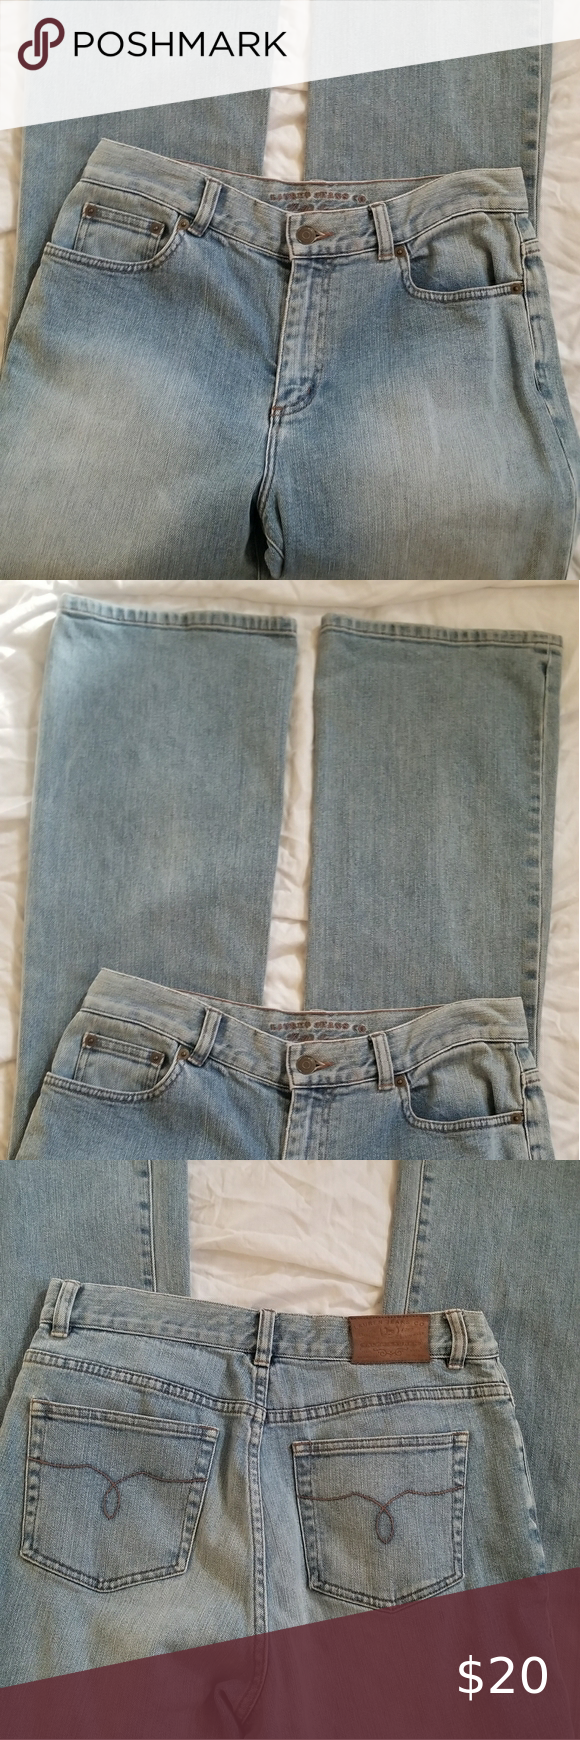 Lauren jeans RALPH Lauren  size 8 Lauren jeans RAL